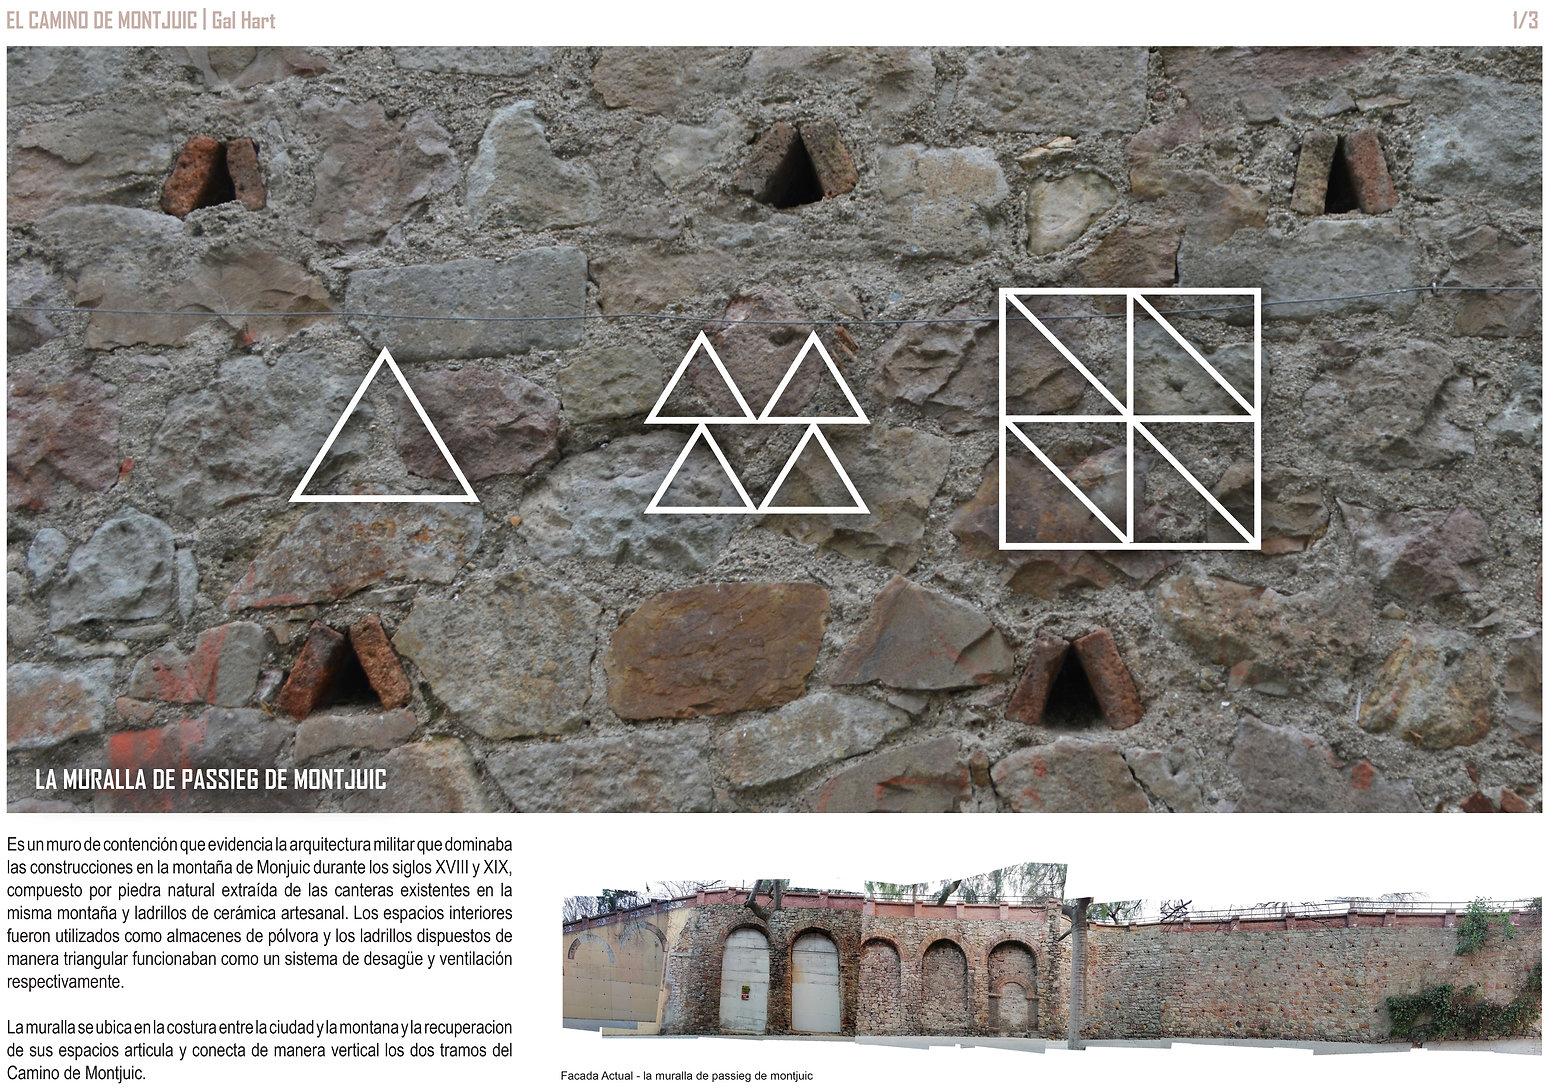 La Muralla de Passieg de Montjuic